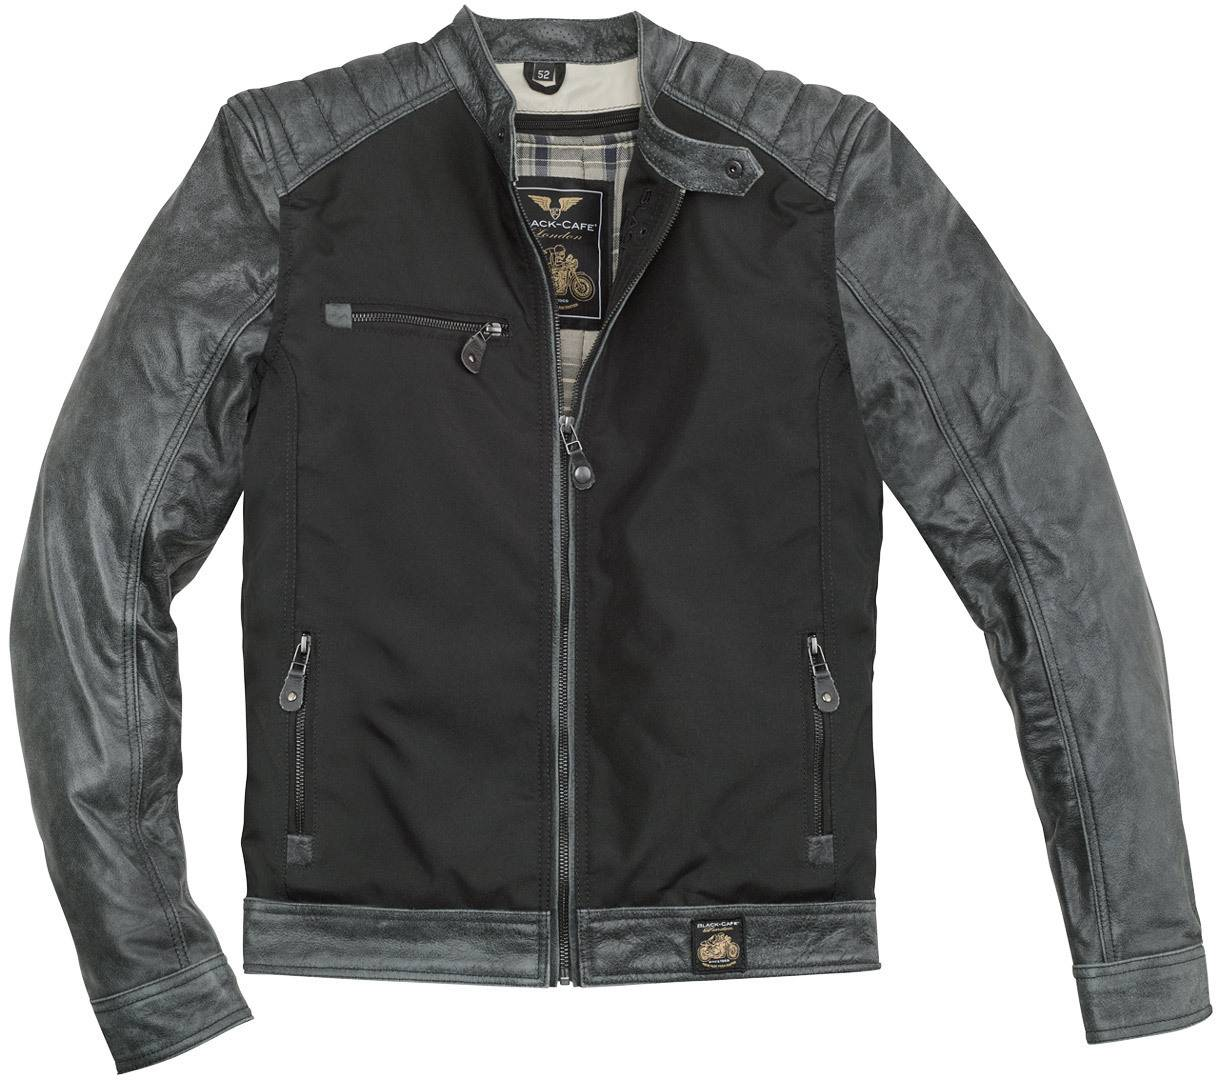 Black-Cafe London Johannesburg Cuir de moto / Veste textile Noir Gris taille : 52